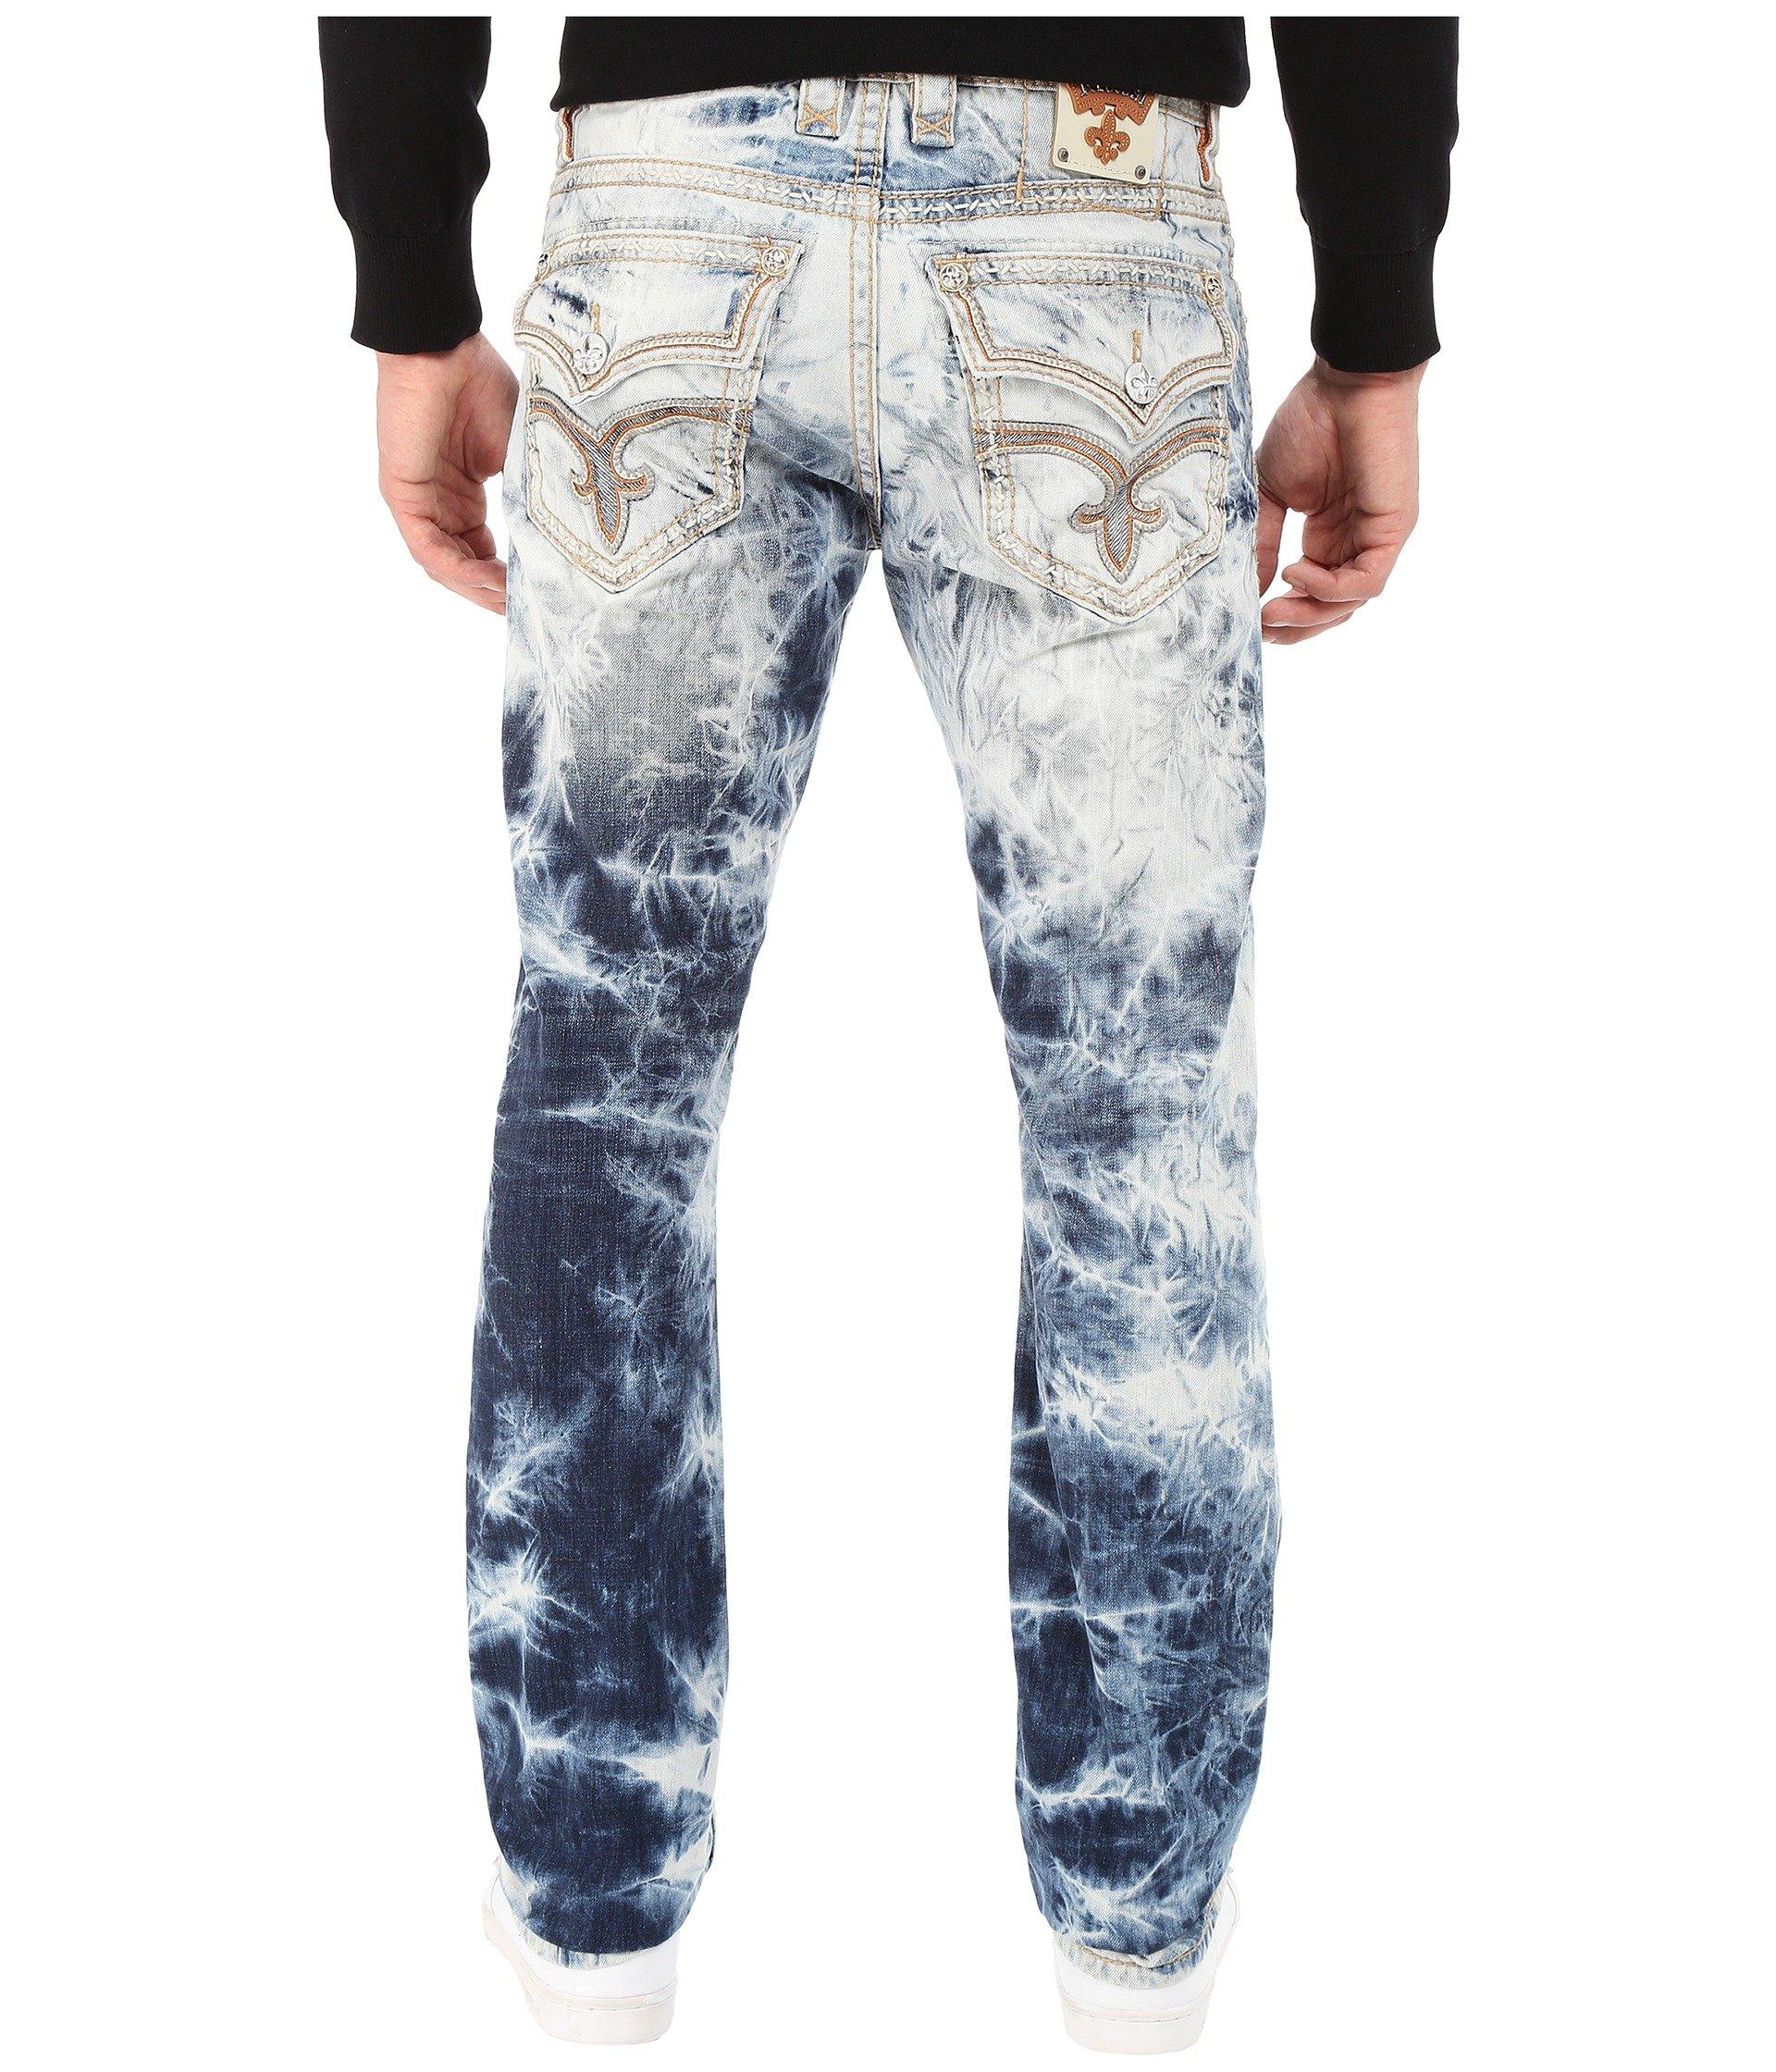 Slim Cut Jeans Men